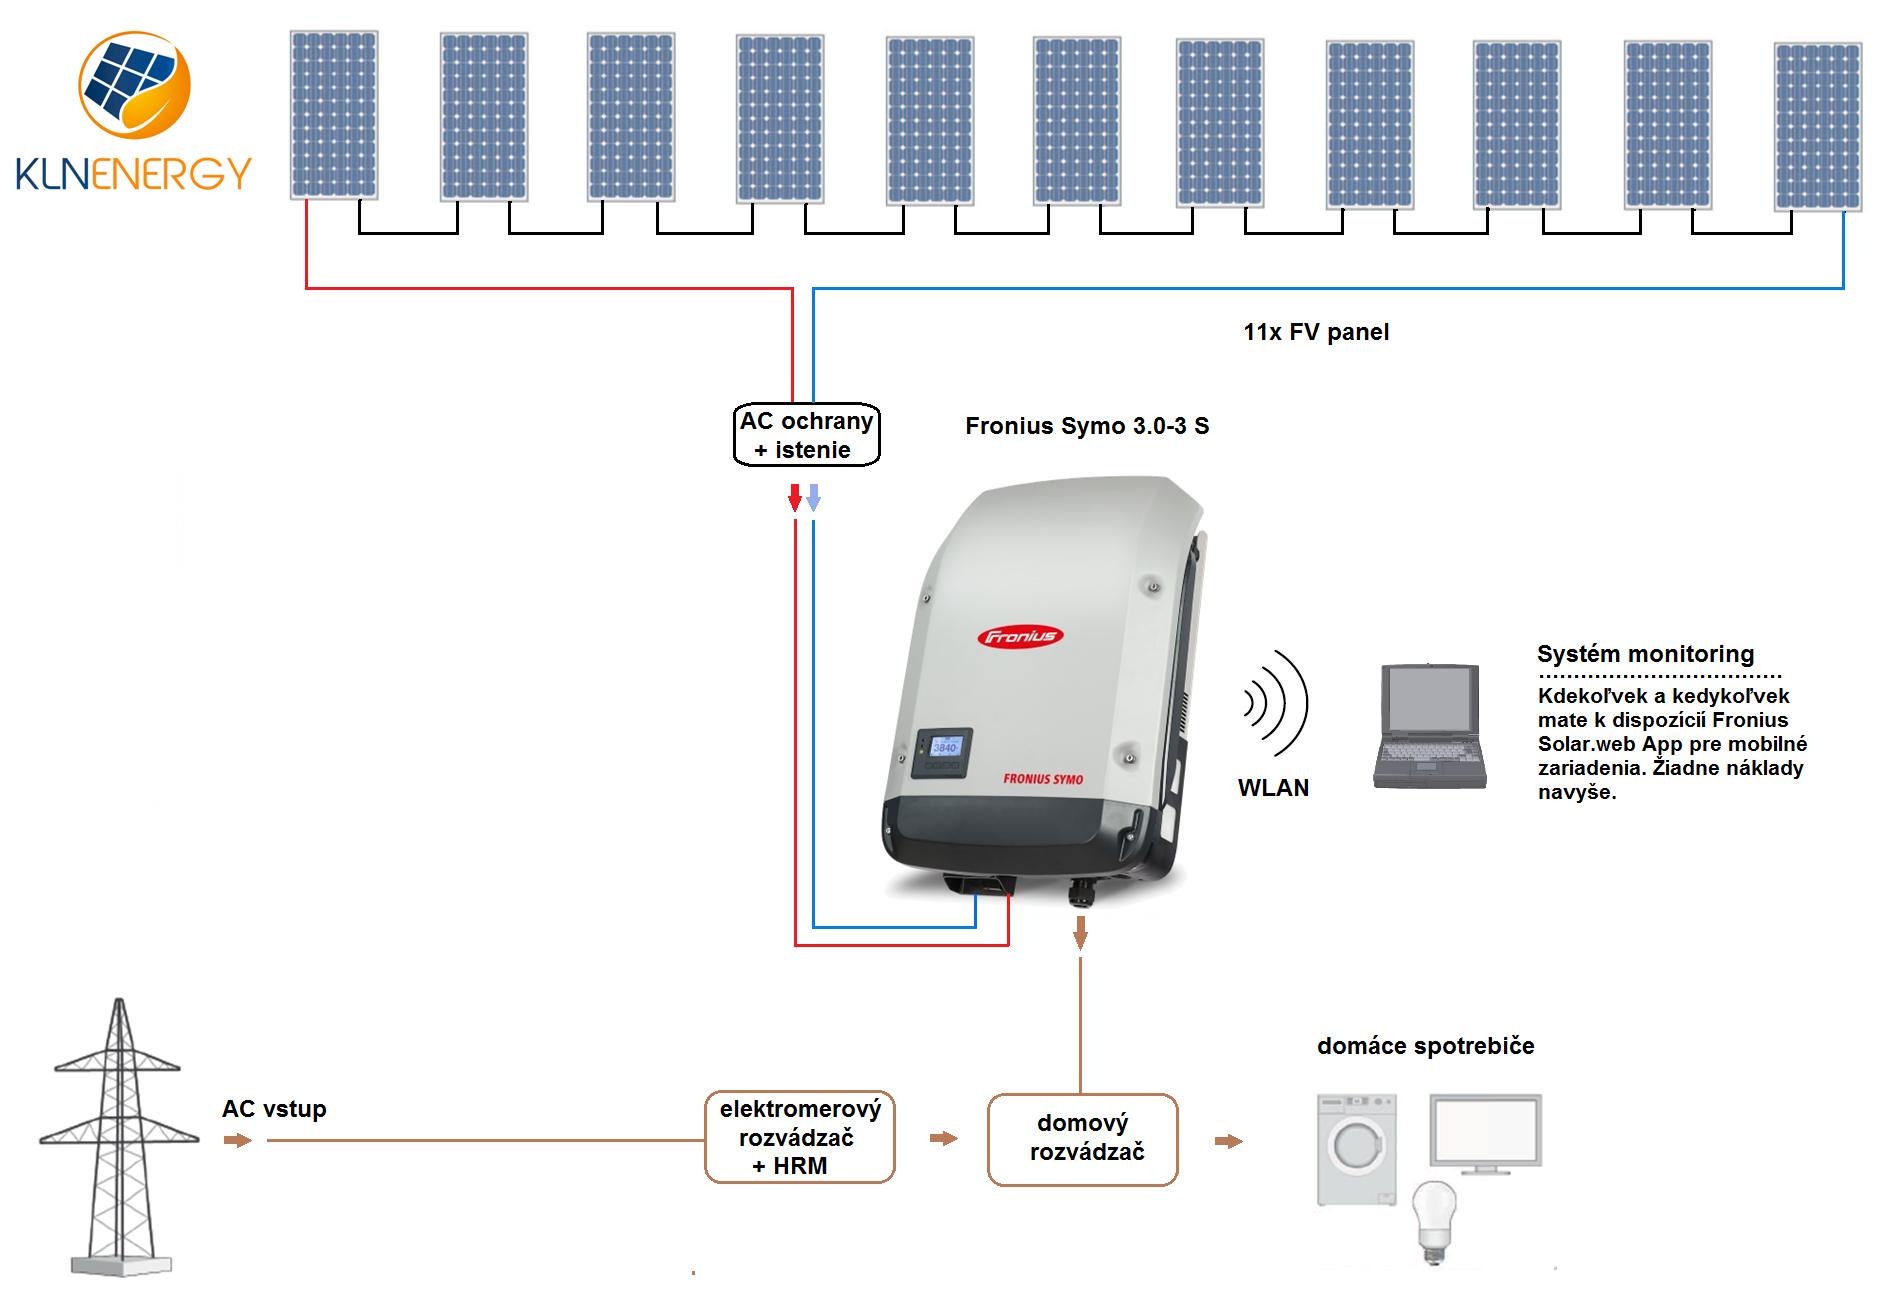 KLN 3,0 kWp Symo schéma